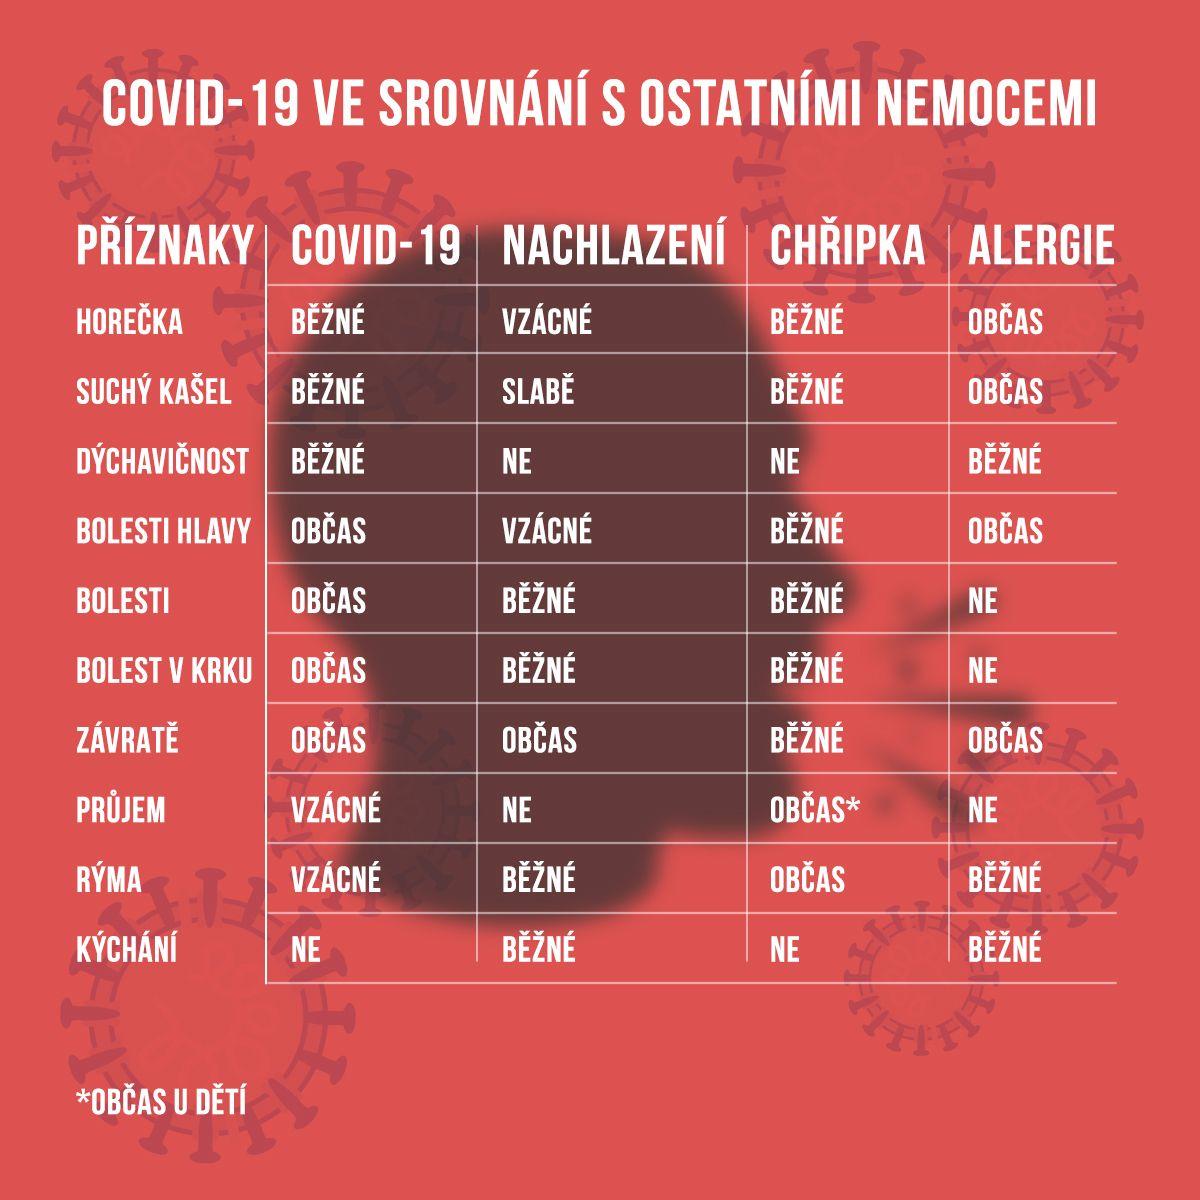 Covid-19 ve srovnání s ostatními nemocemi